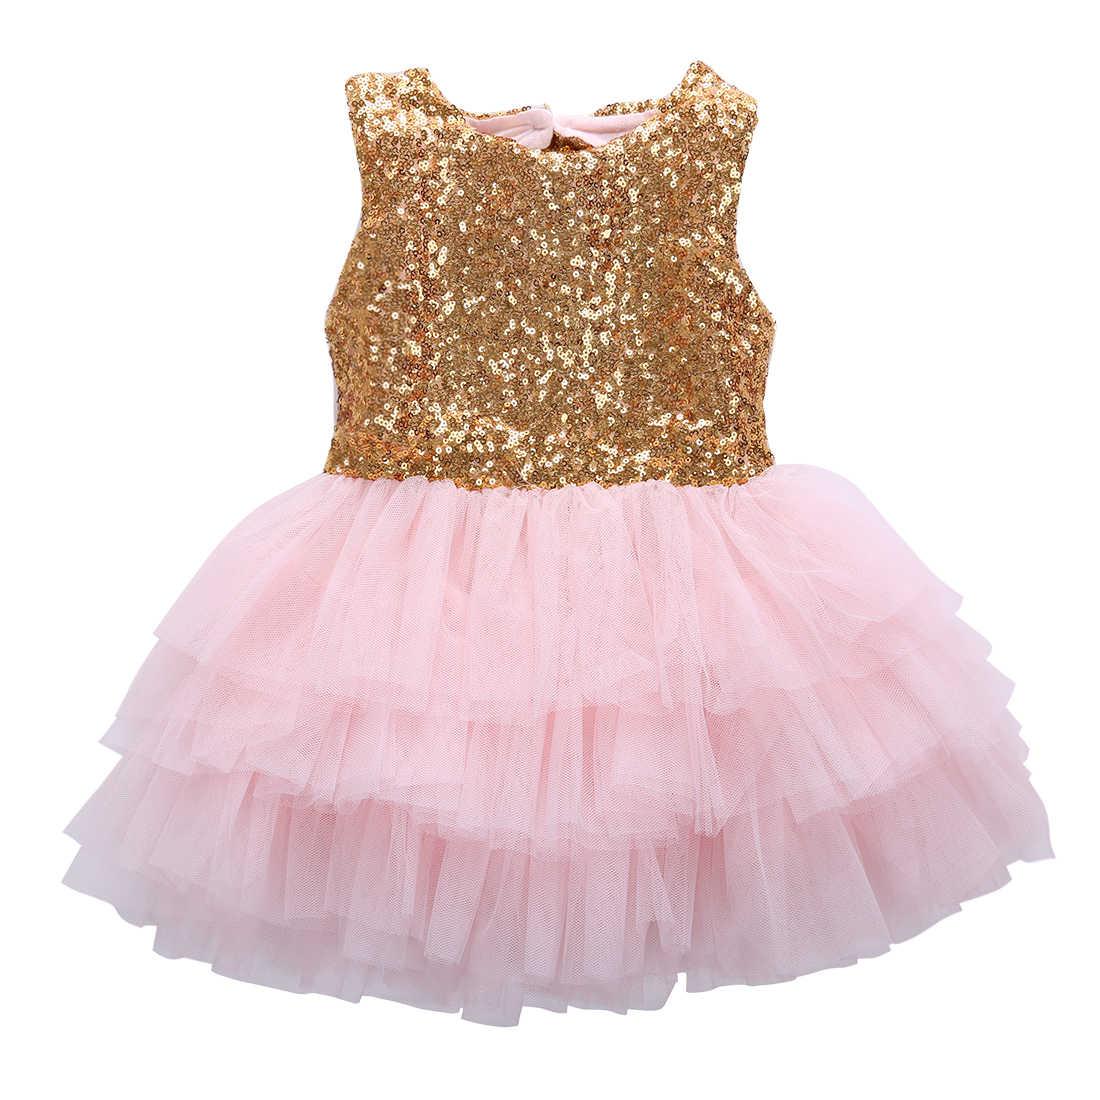 2019 Nuevo Vestido De Fiesta De Navidad Con Lentejuelas Para Niñas Y Niños Adorables De Verano Es